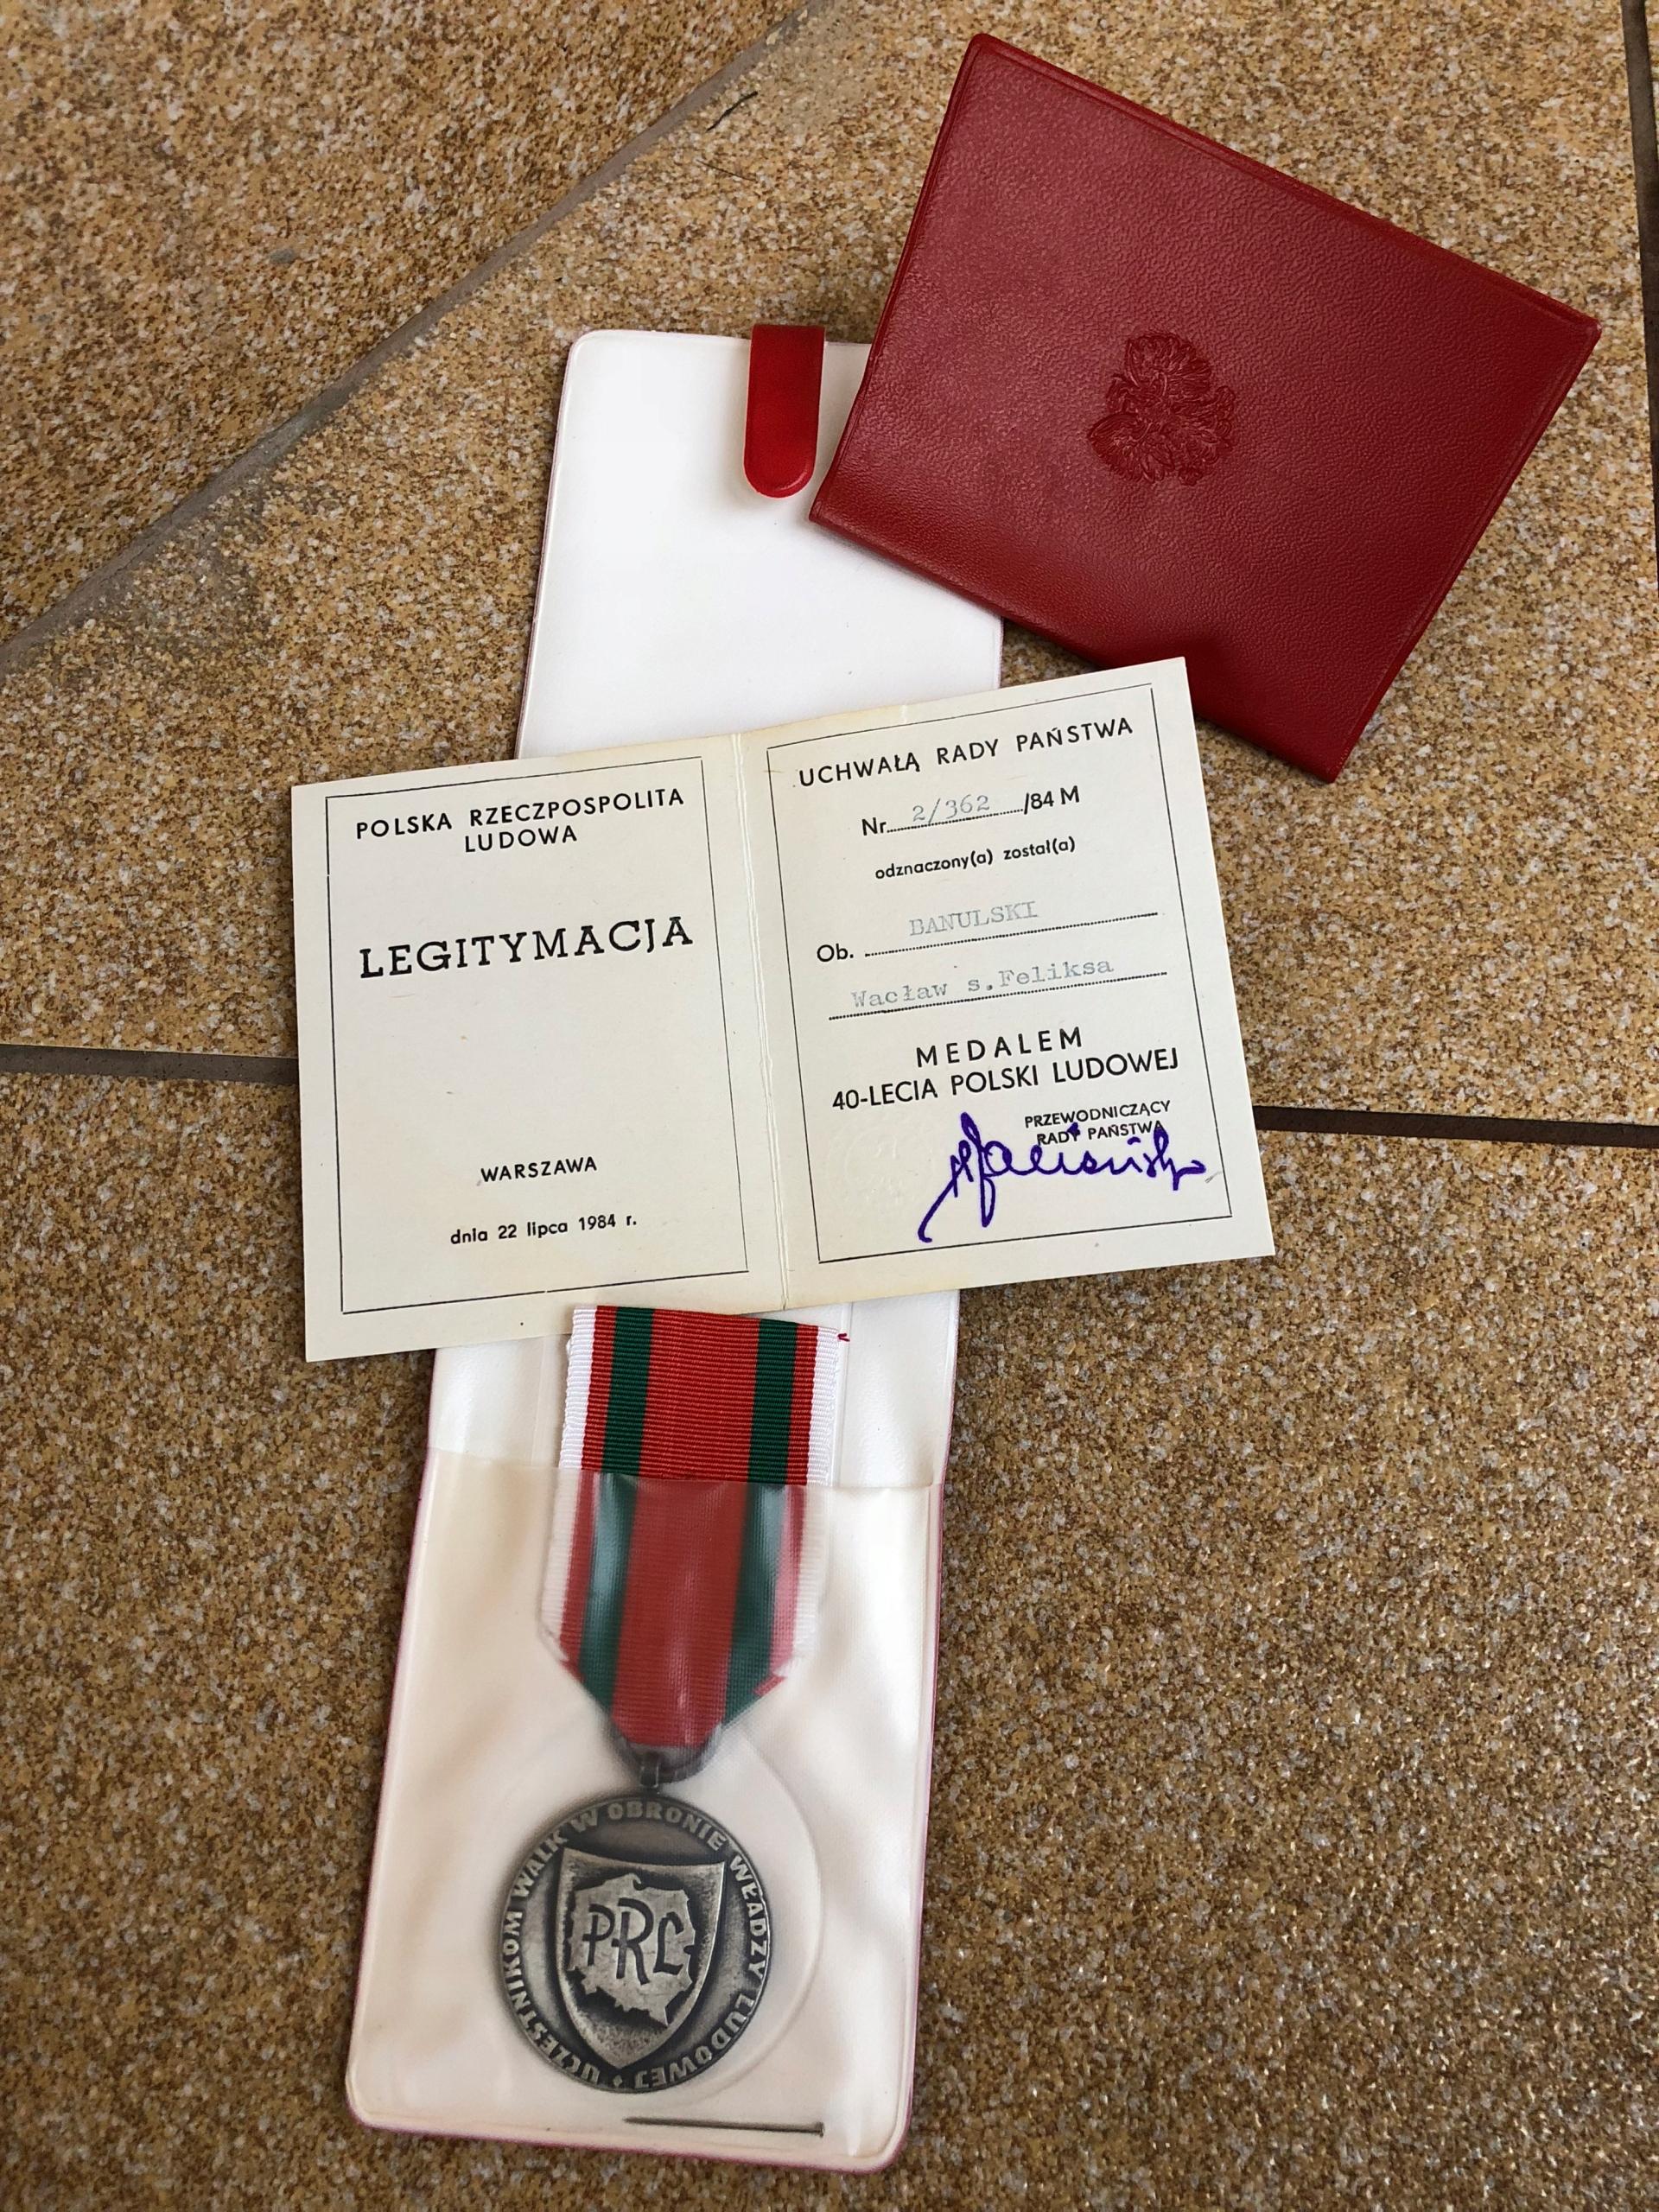 MEDAL 40- LECIA POLSKI LUDOWEJ / LEGITYMACJA